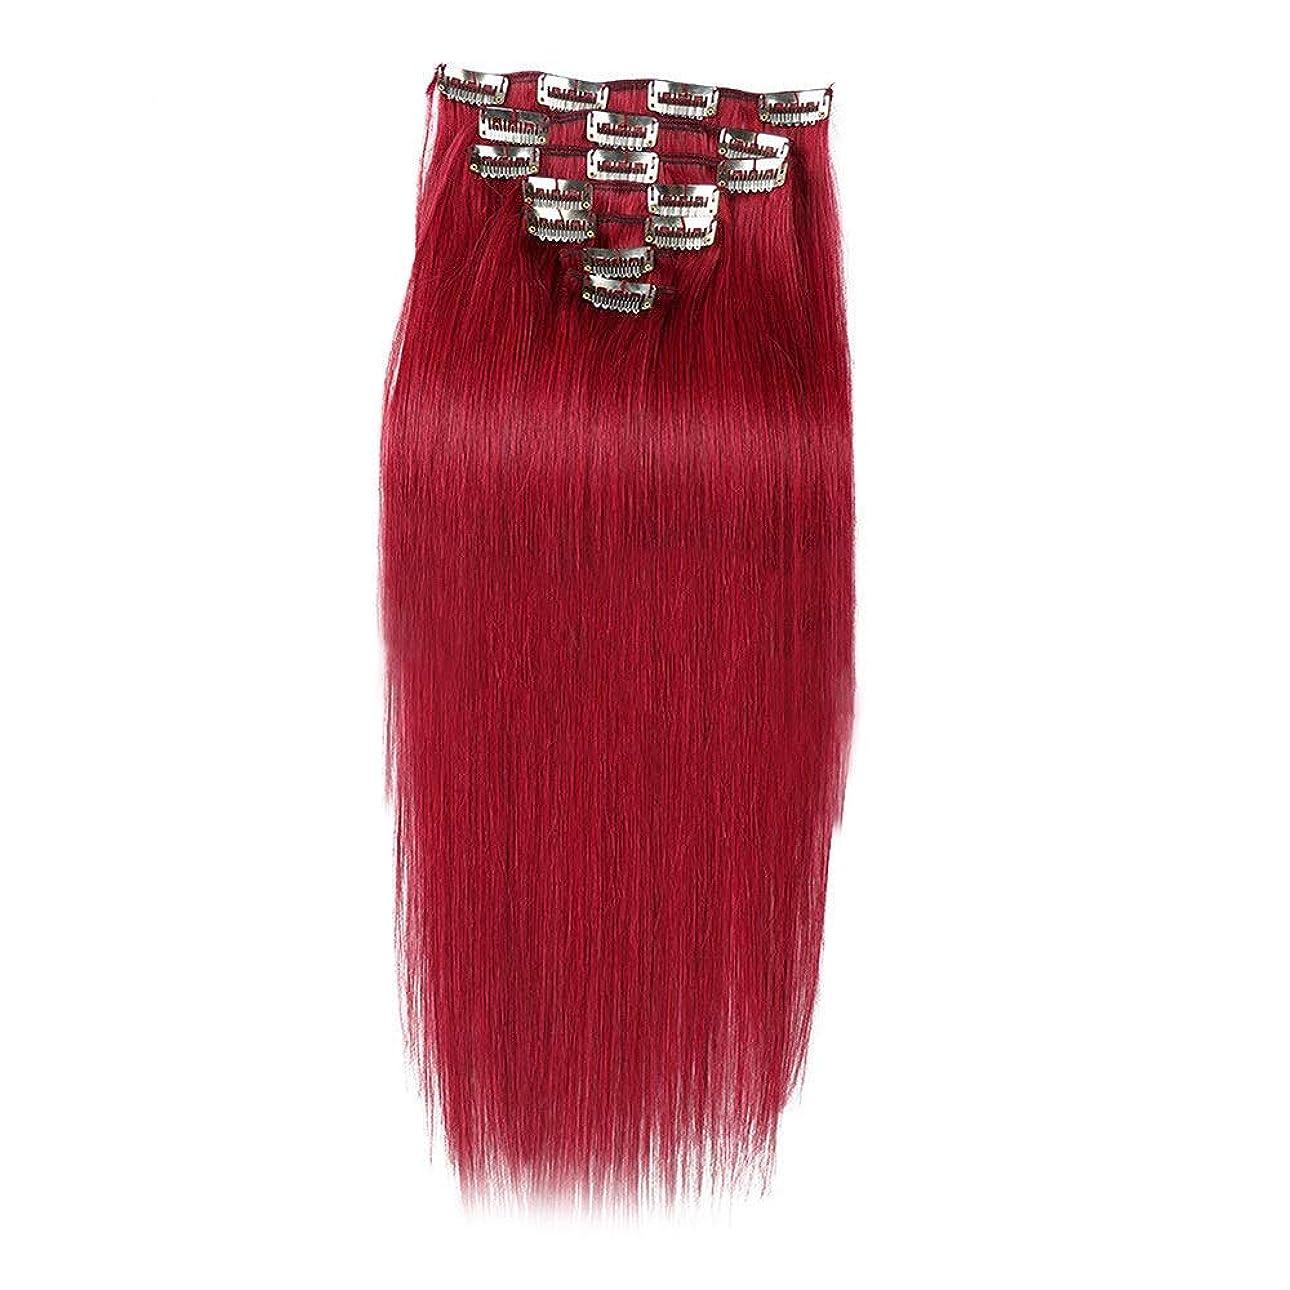 礼拝衛星セラーYESONEEP ヘアエクステンション人毛16インチ7個70gダブル横糸ソフトストレートヘア用女性かつら赤いかつら (Color : #BURG)